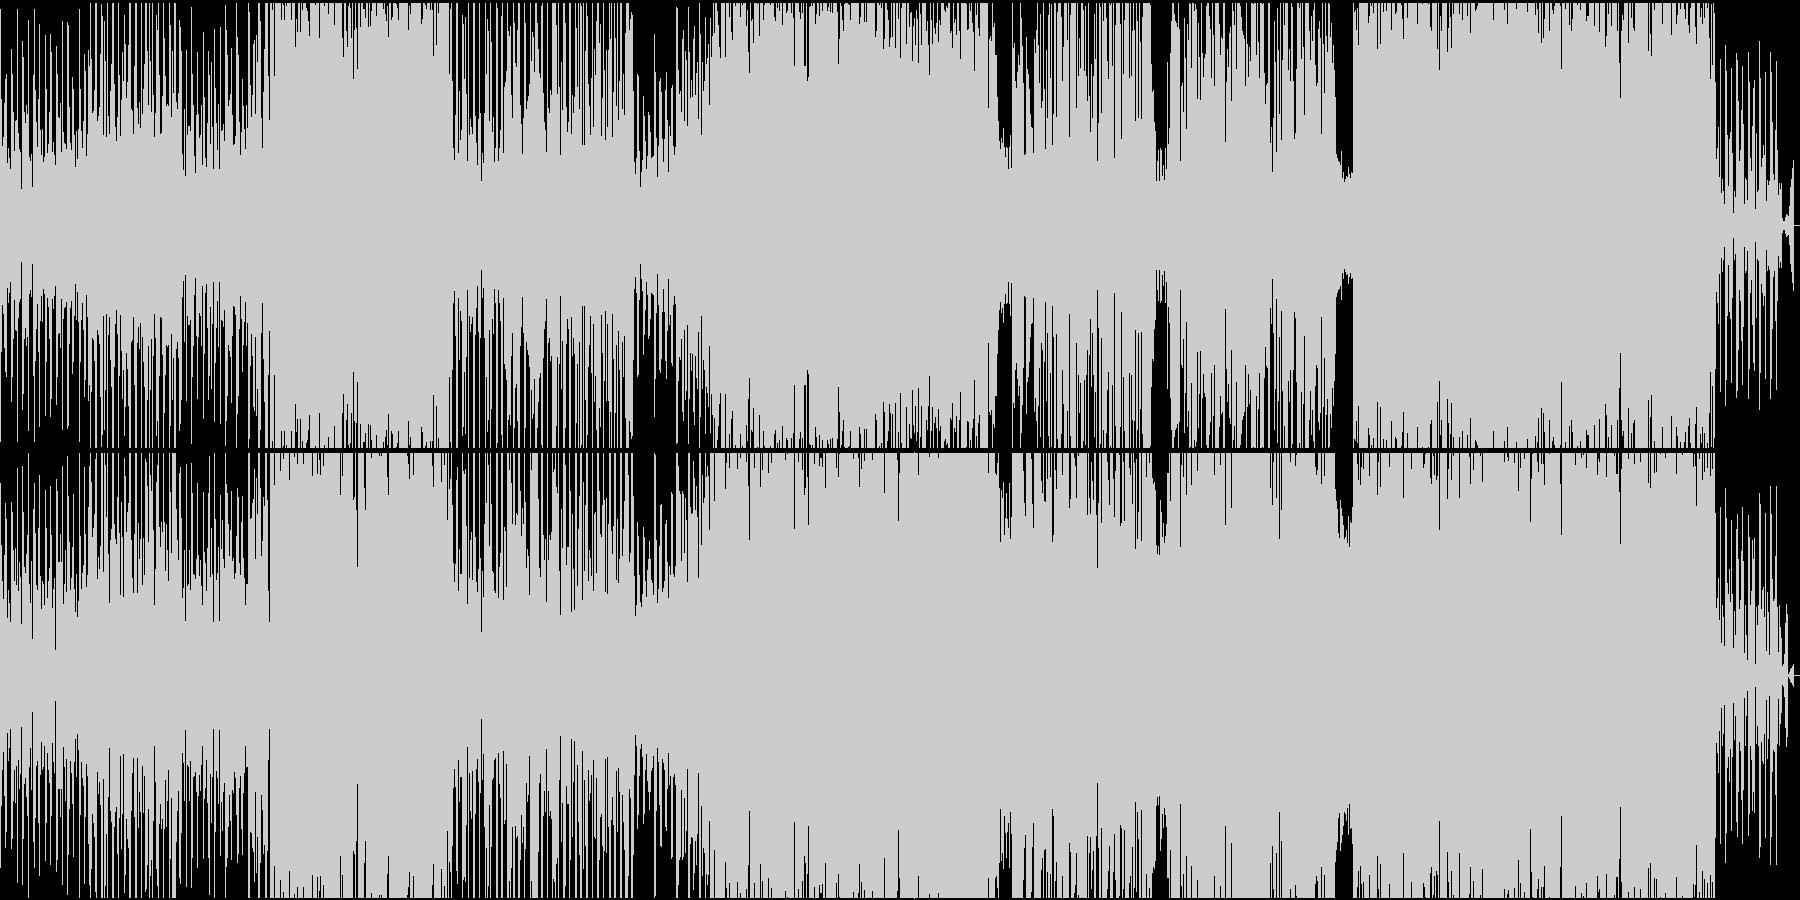 現代的レトロミュージックの未再生の波形